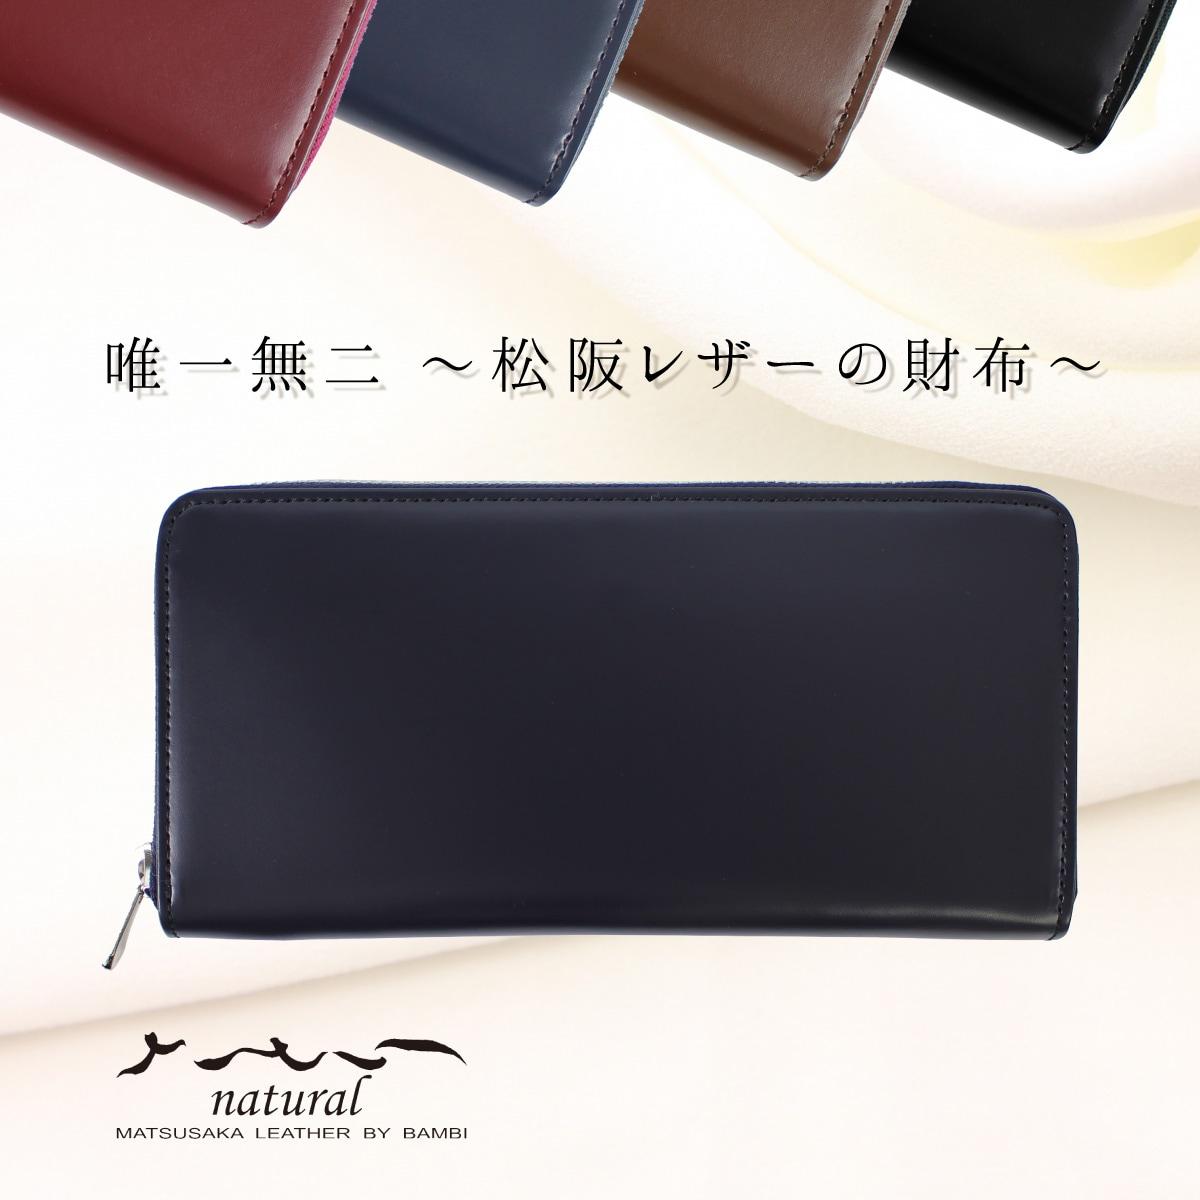 松阪レザーのプレミアム財布 さとりナチュラル ラウンドファスナー長財布 【カラー:藍】 開運グッズ